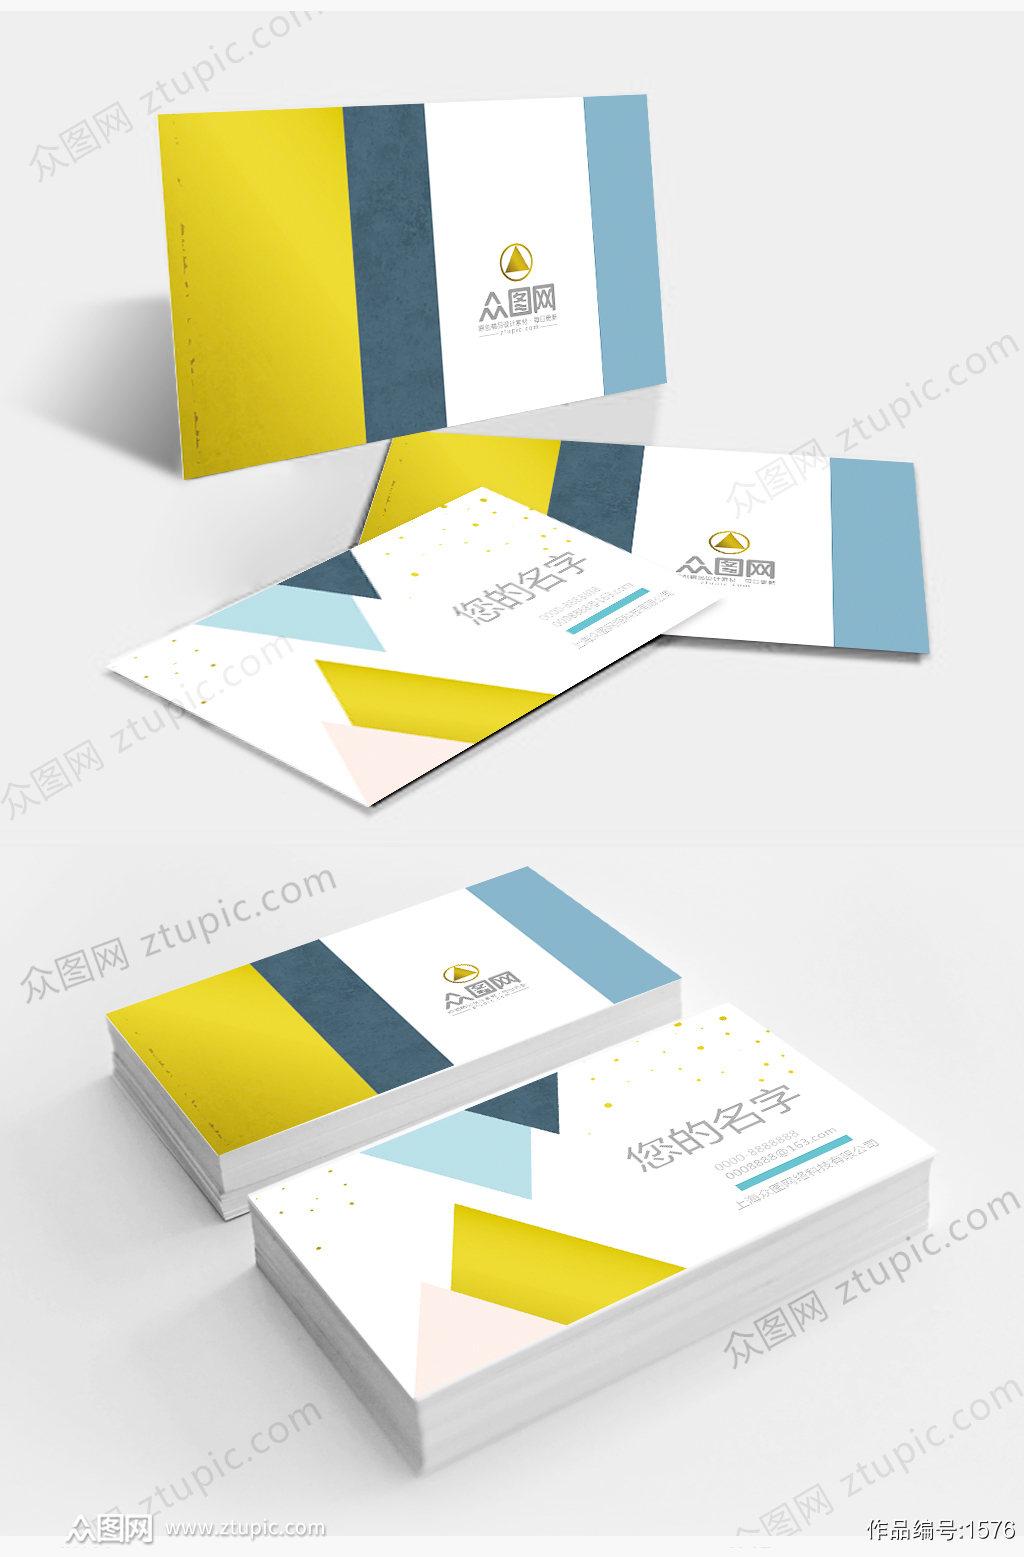 创意简洁黄色名片设计素材